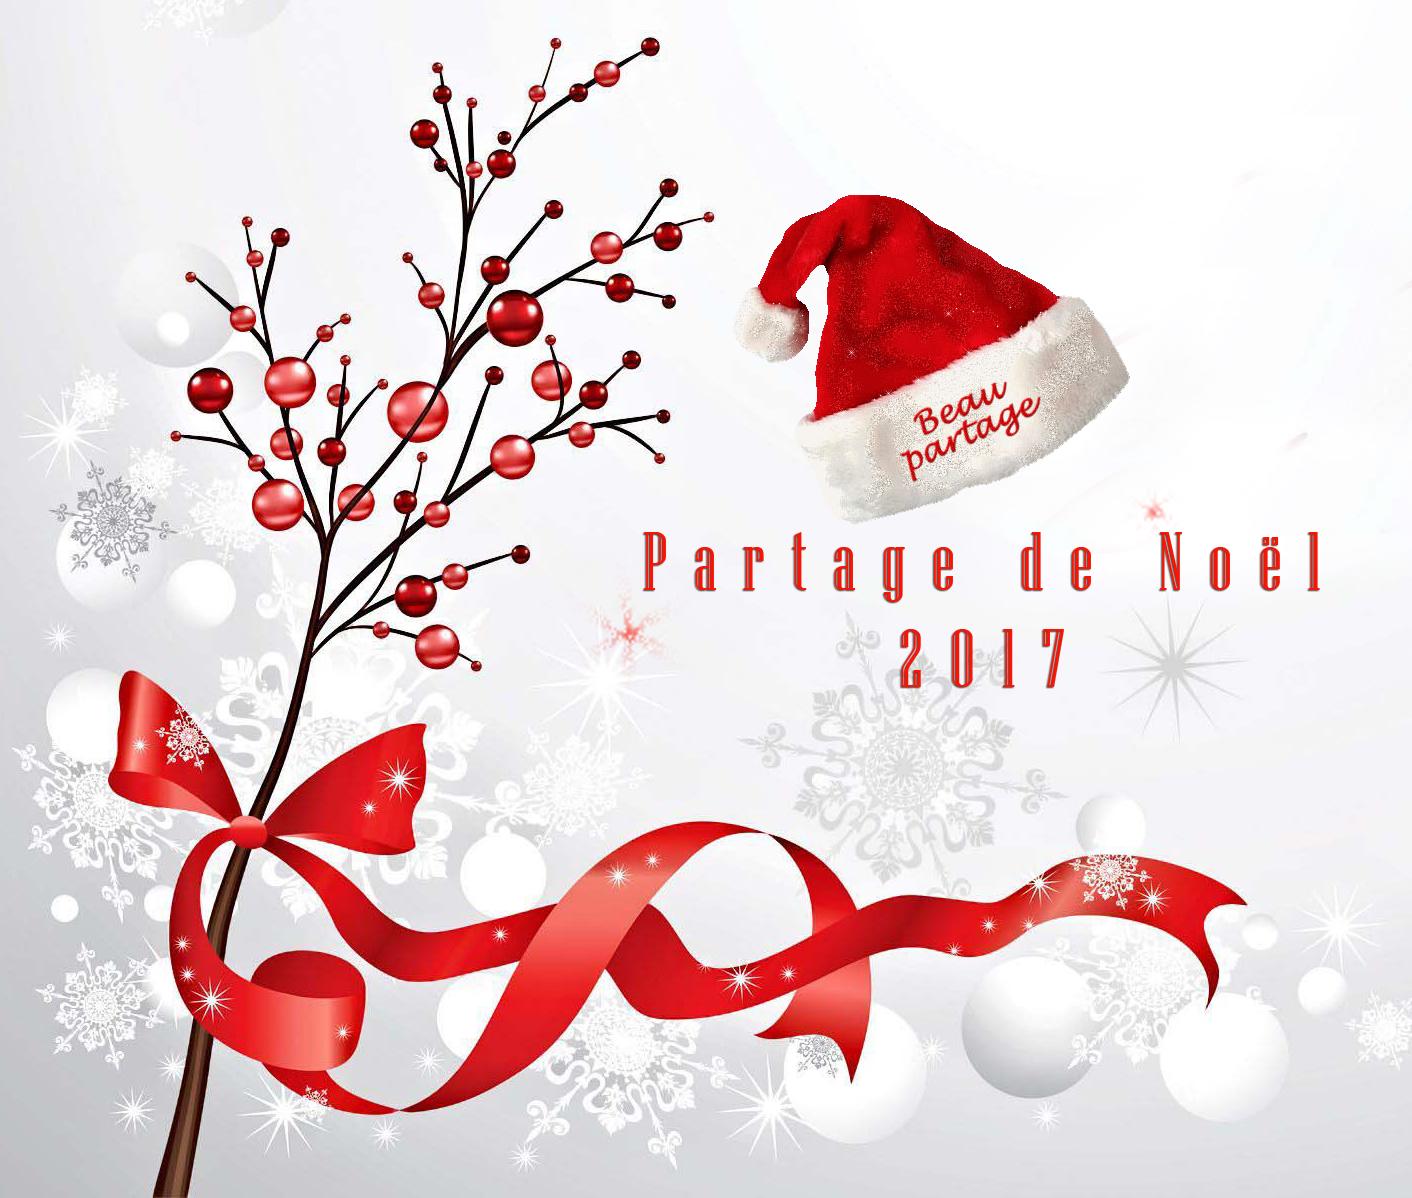 Partage de Noël 2017